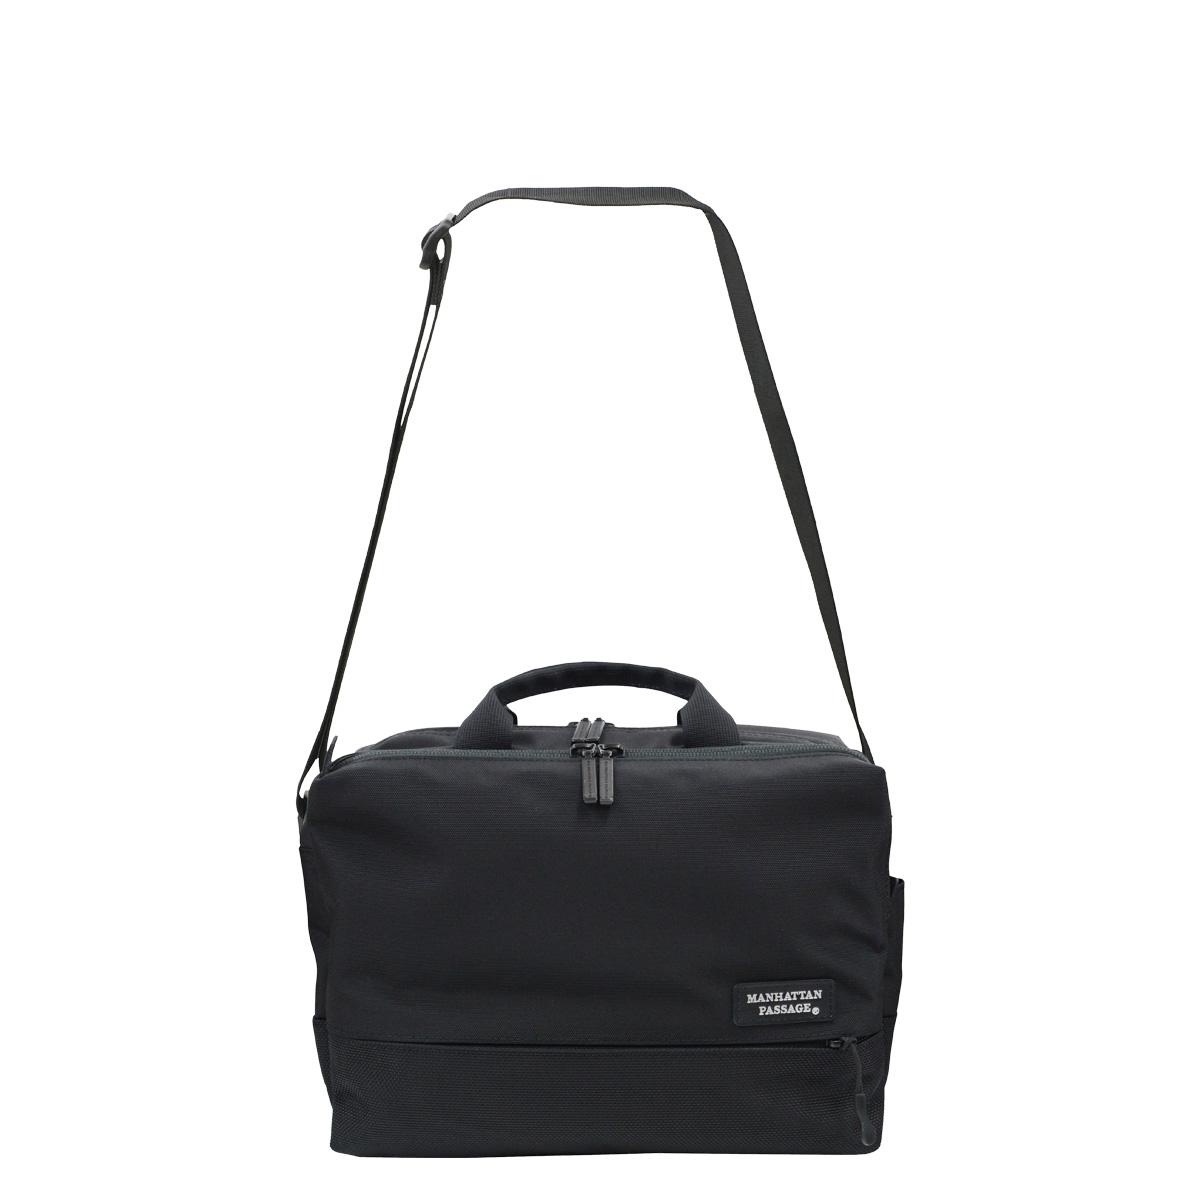 MANHATTAN PASSAGE SHOULDER BAG EST 2 マンハッタンパッセージ バッグ ショルダーバッグ ビジネスバッグ ブリーフケース メンズ 6.5L ブラック ネイビー 黒 5485